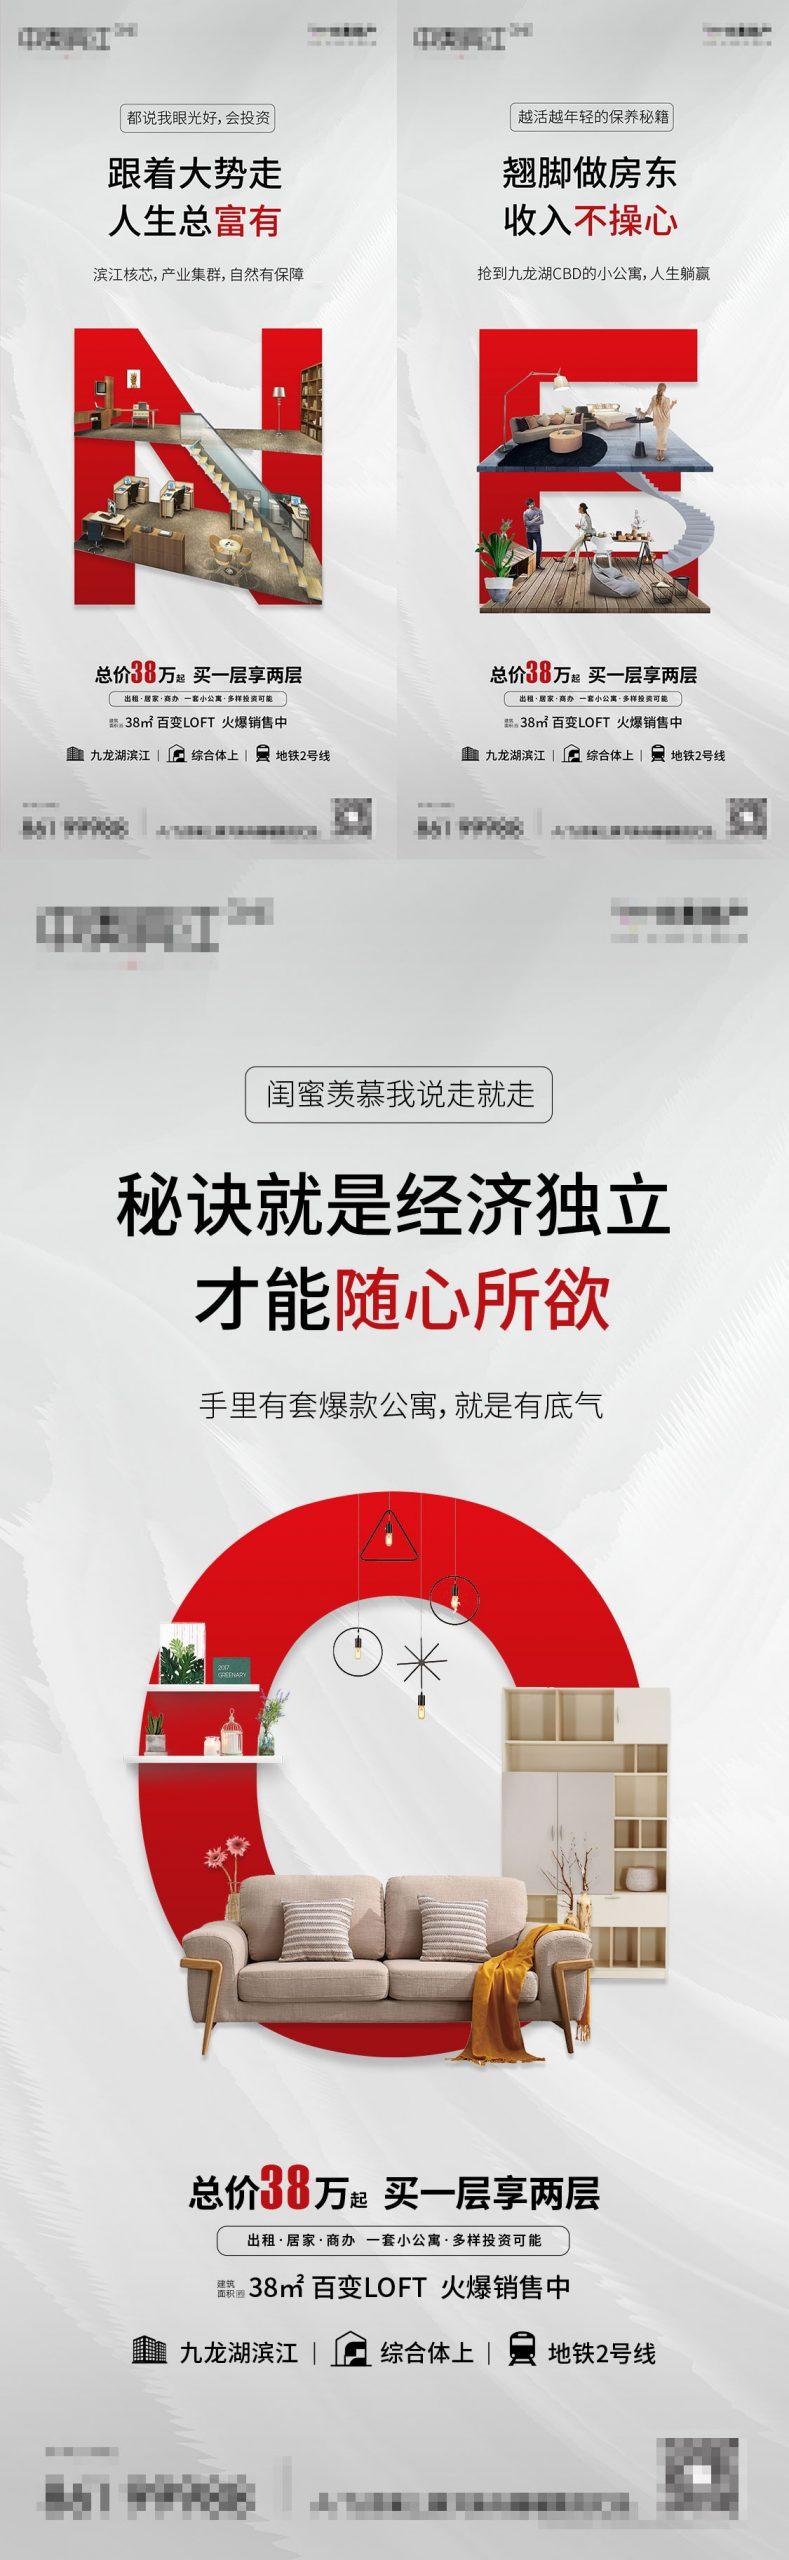 地产简约时尚公寓系列海报PSD源文件插图